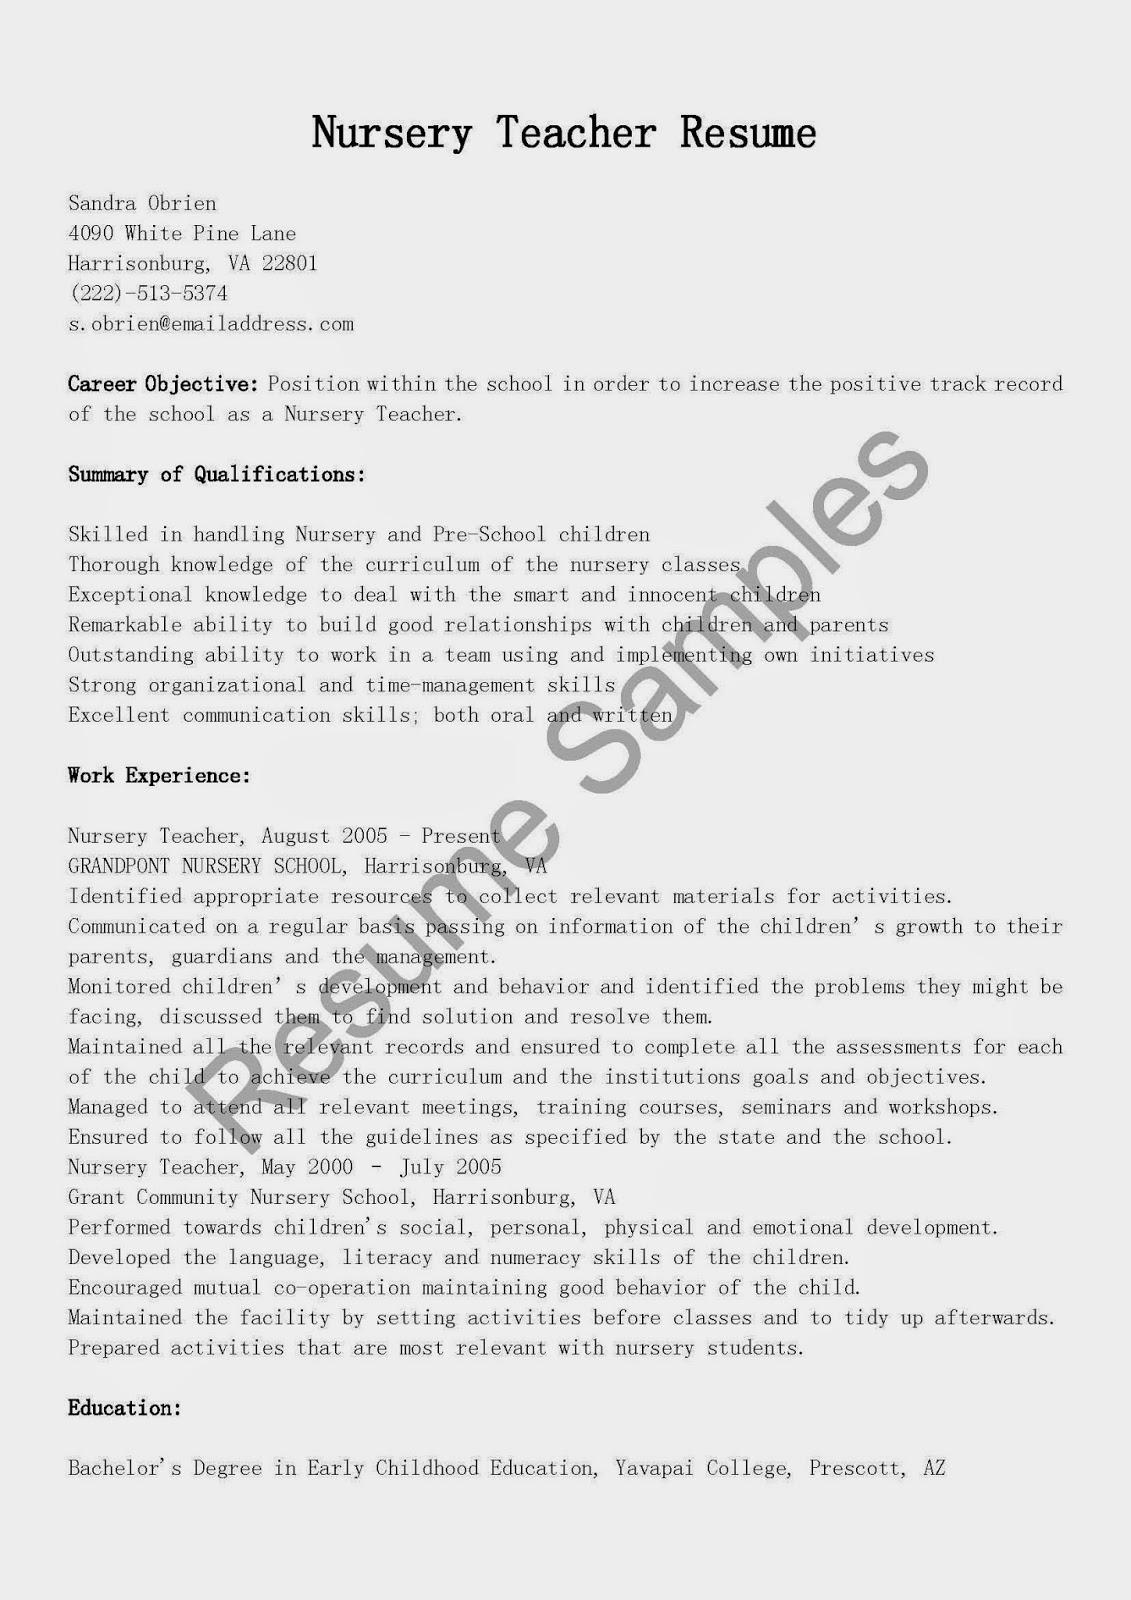 resume for nursery teacher